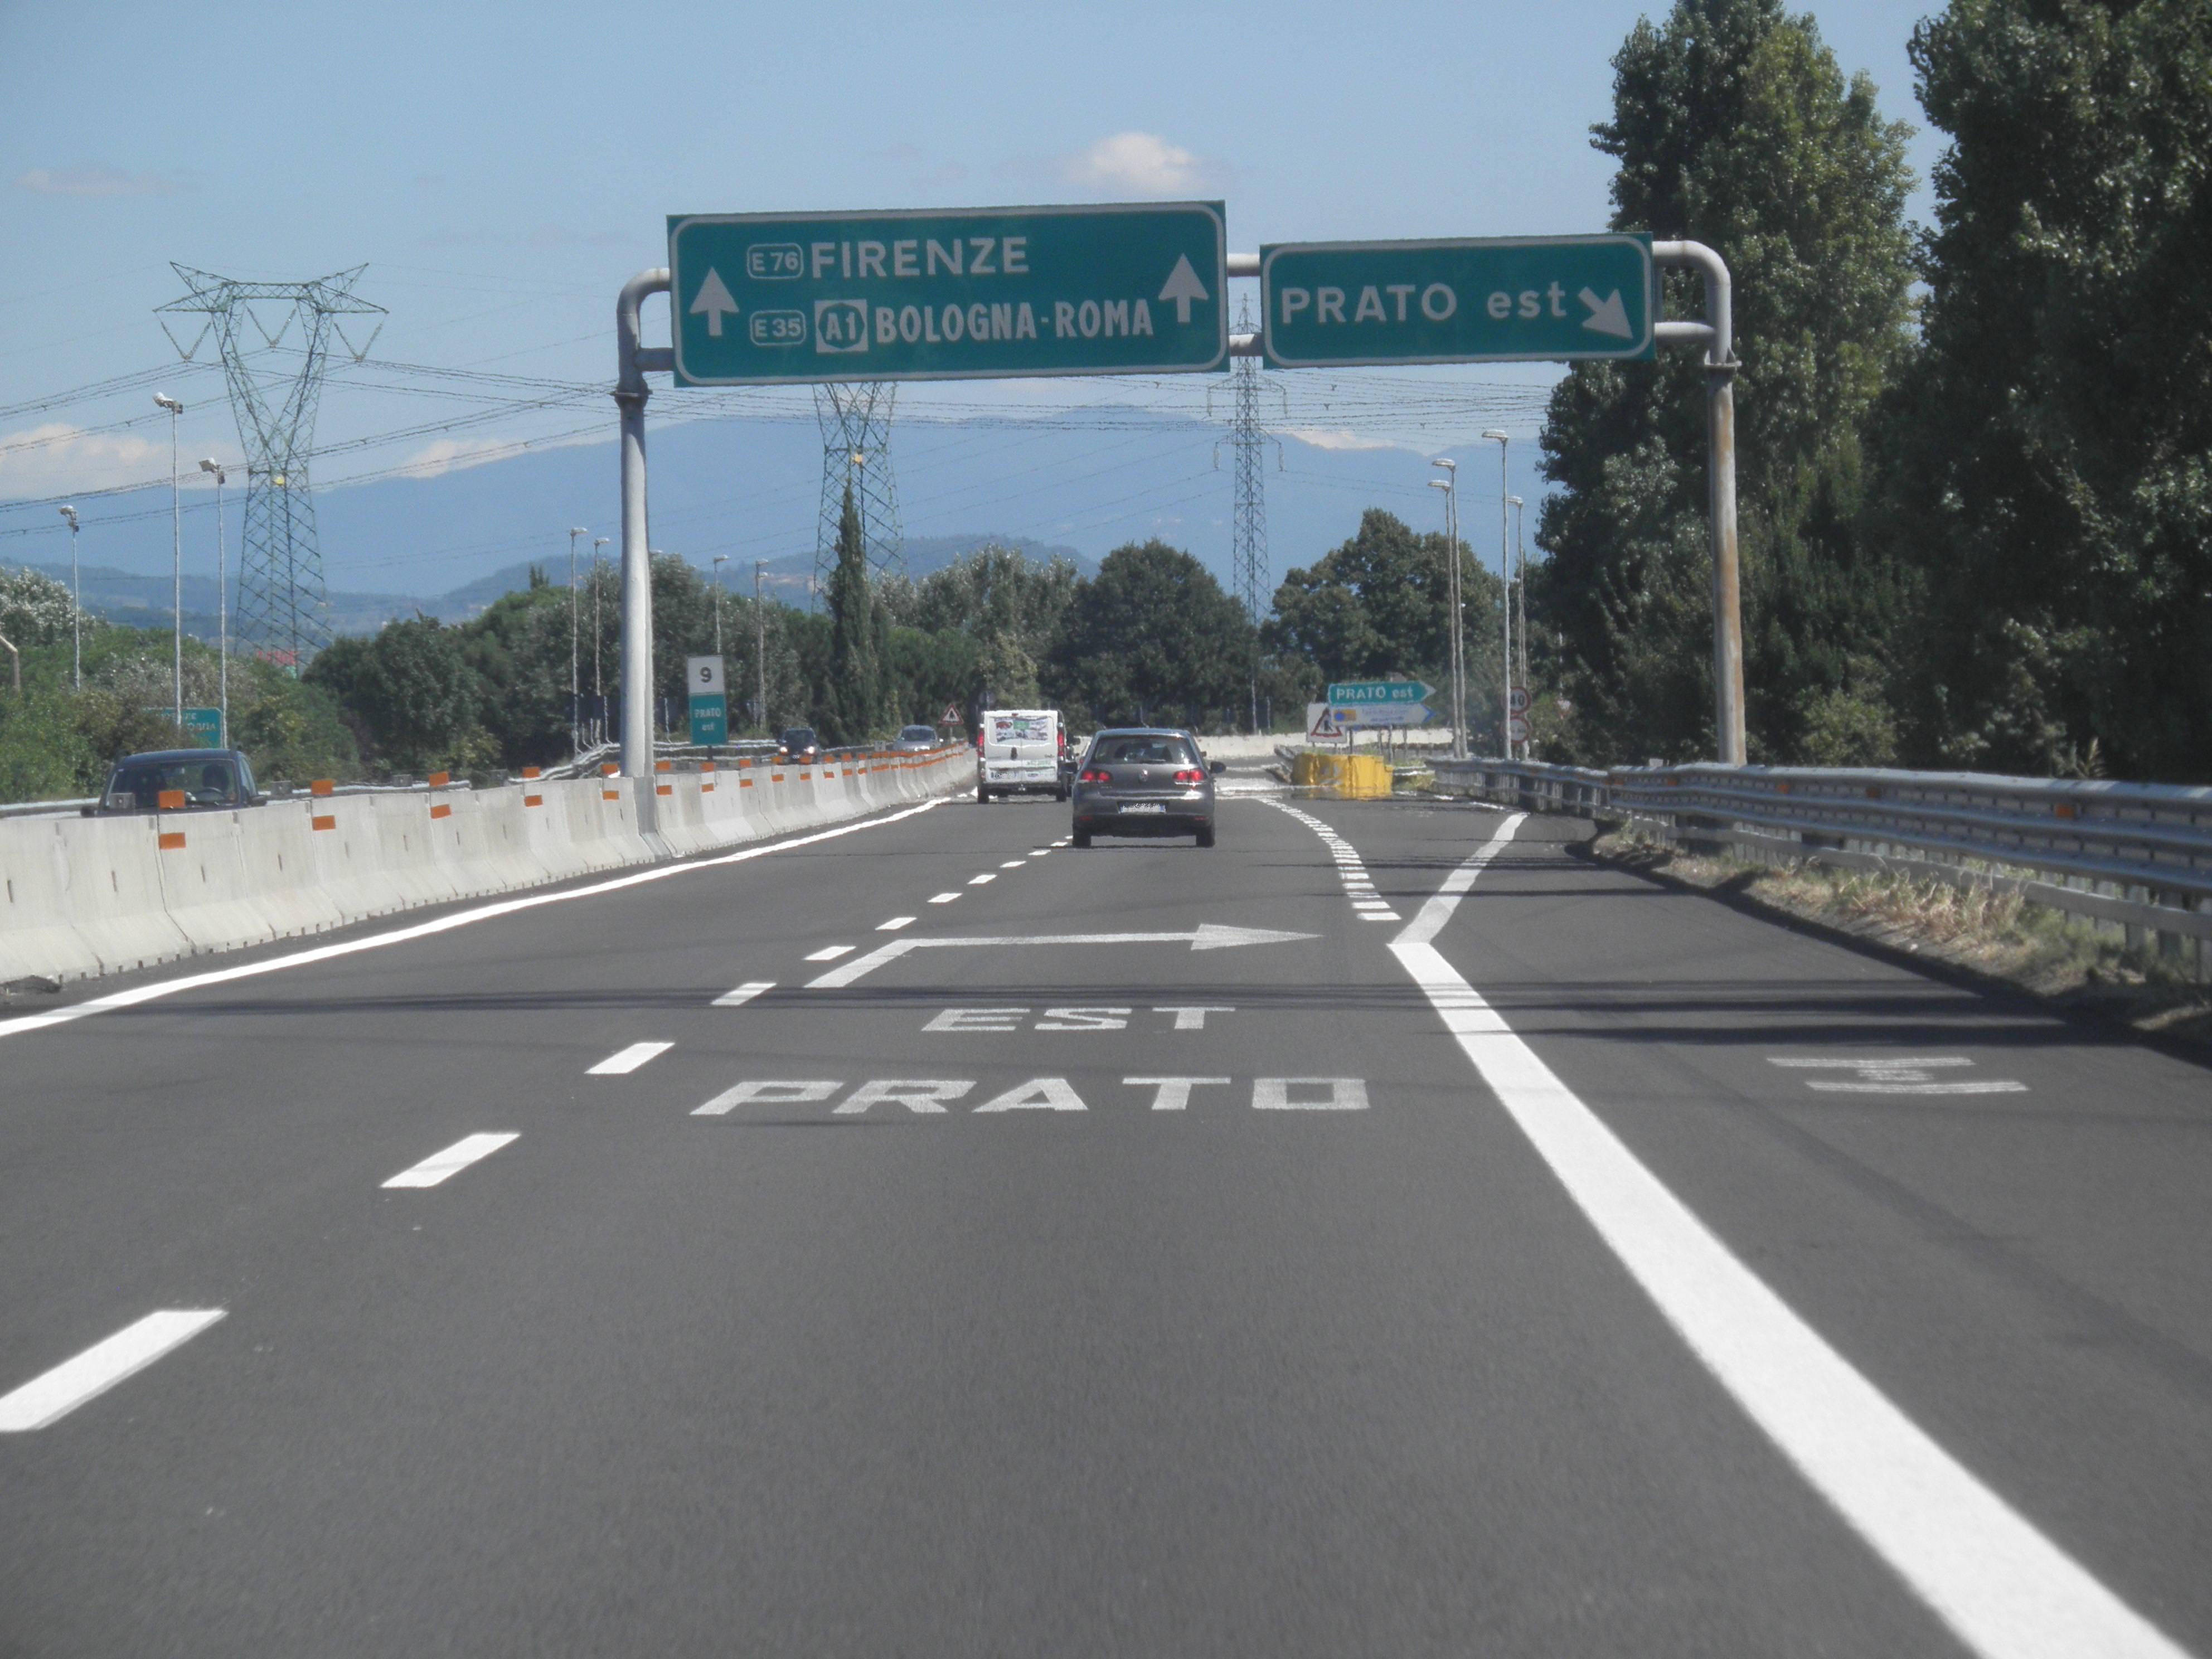 Morto in un incidente cantante rapper di Castelvetrano